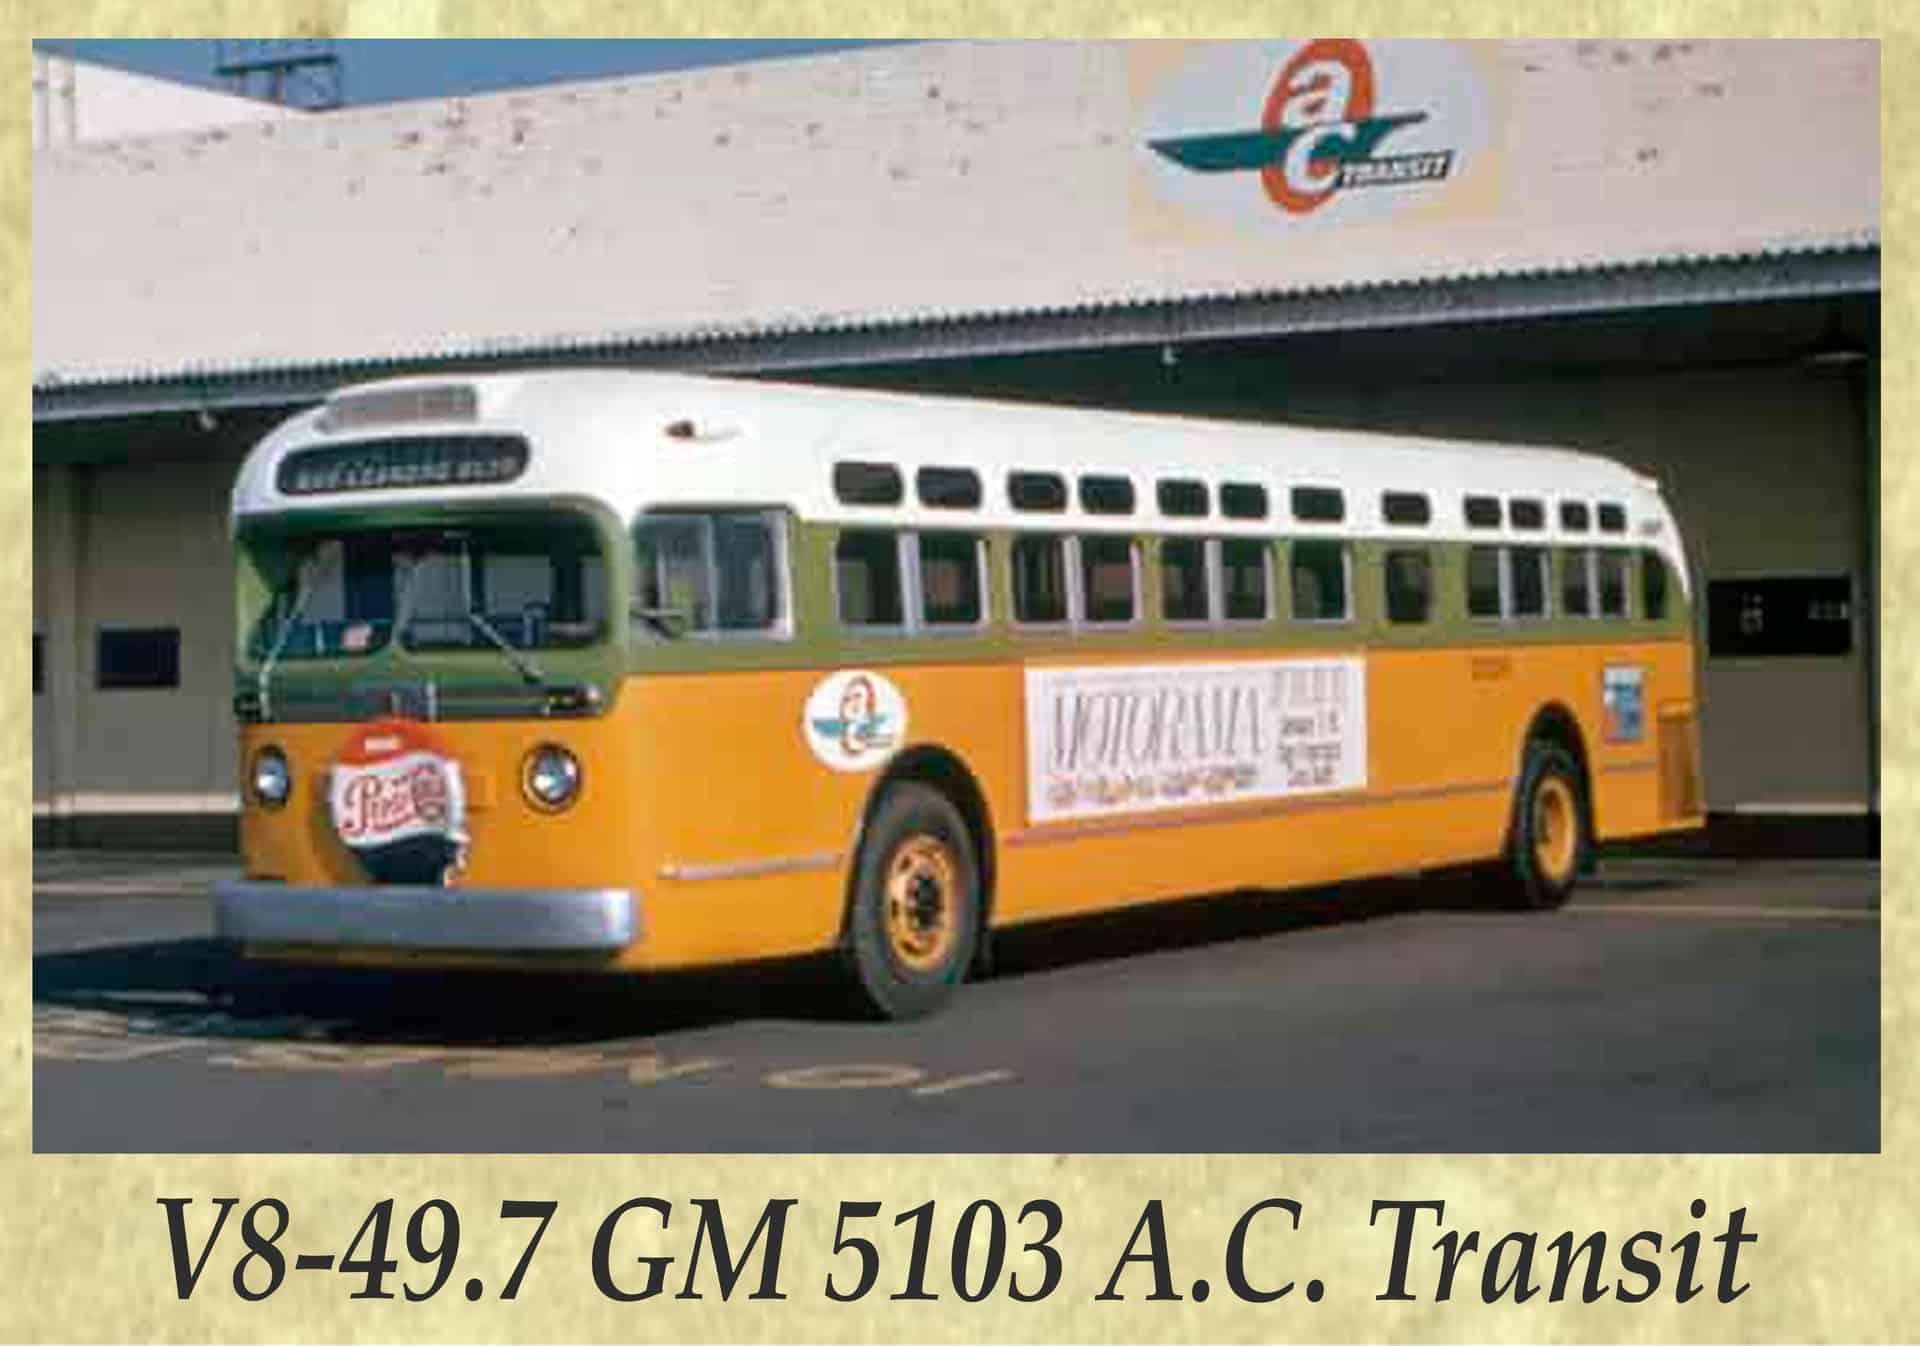 V8-49.7 GM 5103 A.C. Transit